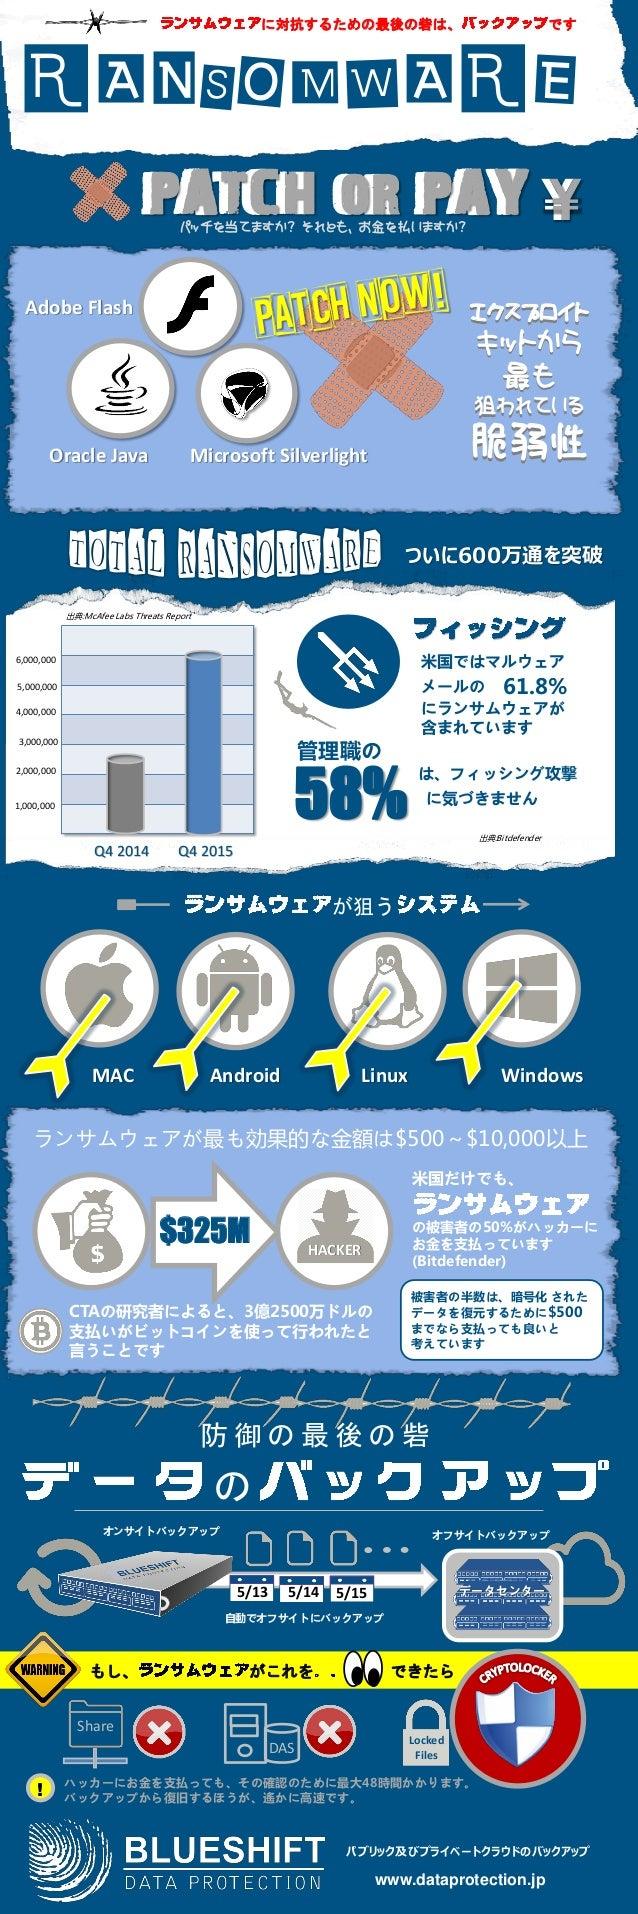 58% MAC Android Linux Windows Q4 2015Q4 2014 1,000,000 2,000,000 3,000,000 $325M HACKER CTAの研究者によると、3億2500万ドルの 支払いがビットコインを...